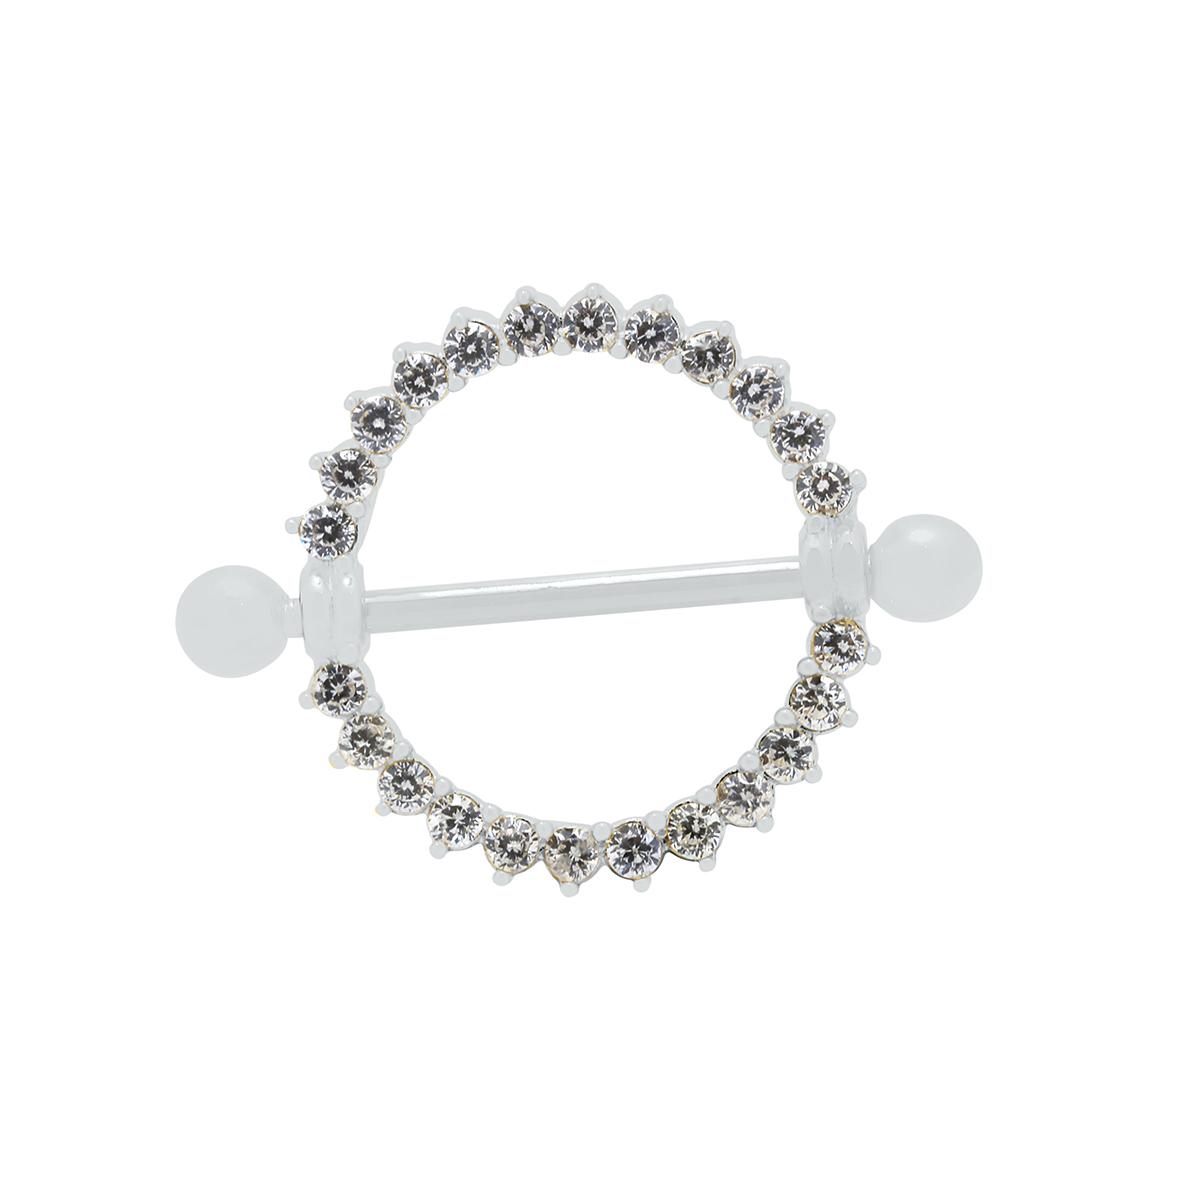 Piercing de Mamilo em Prata 925 Cravejado